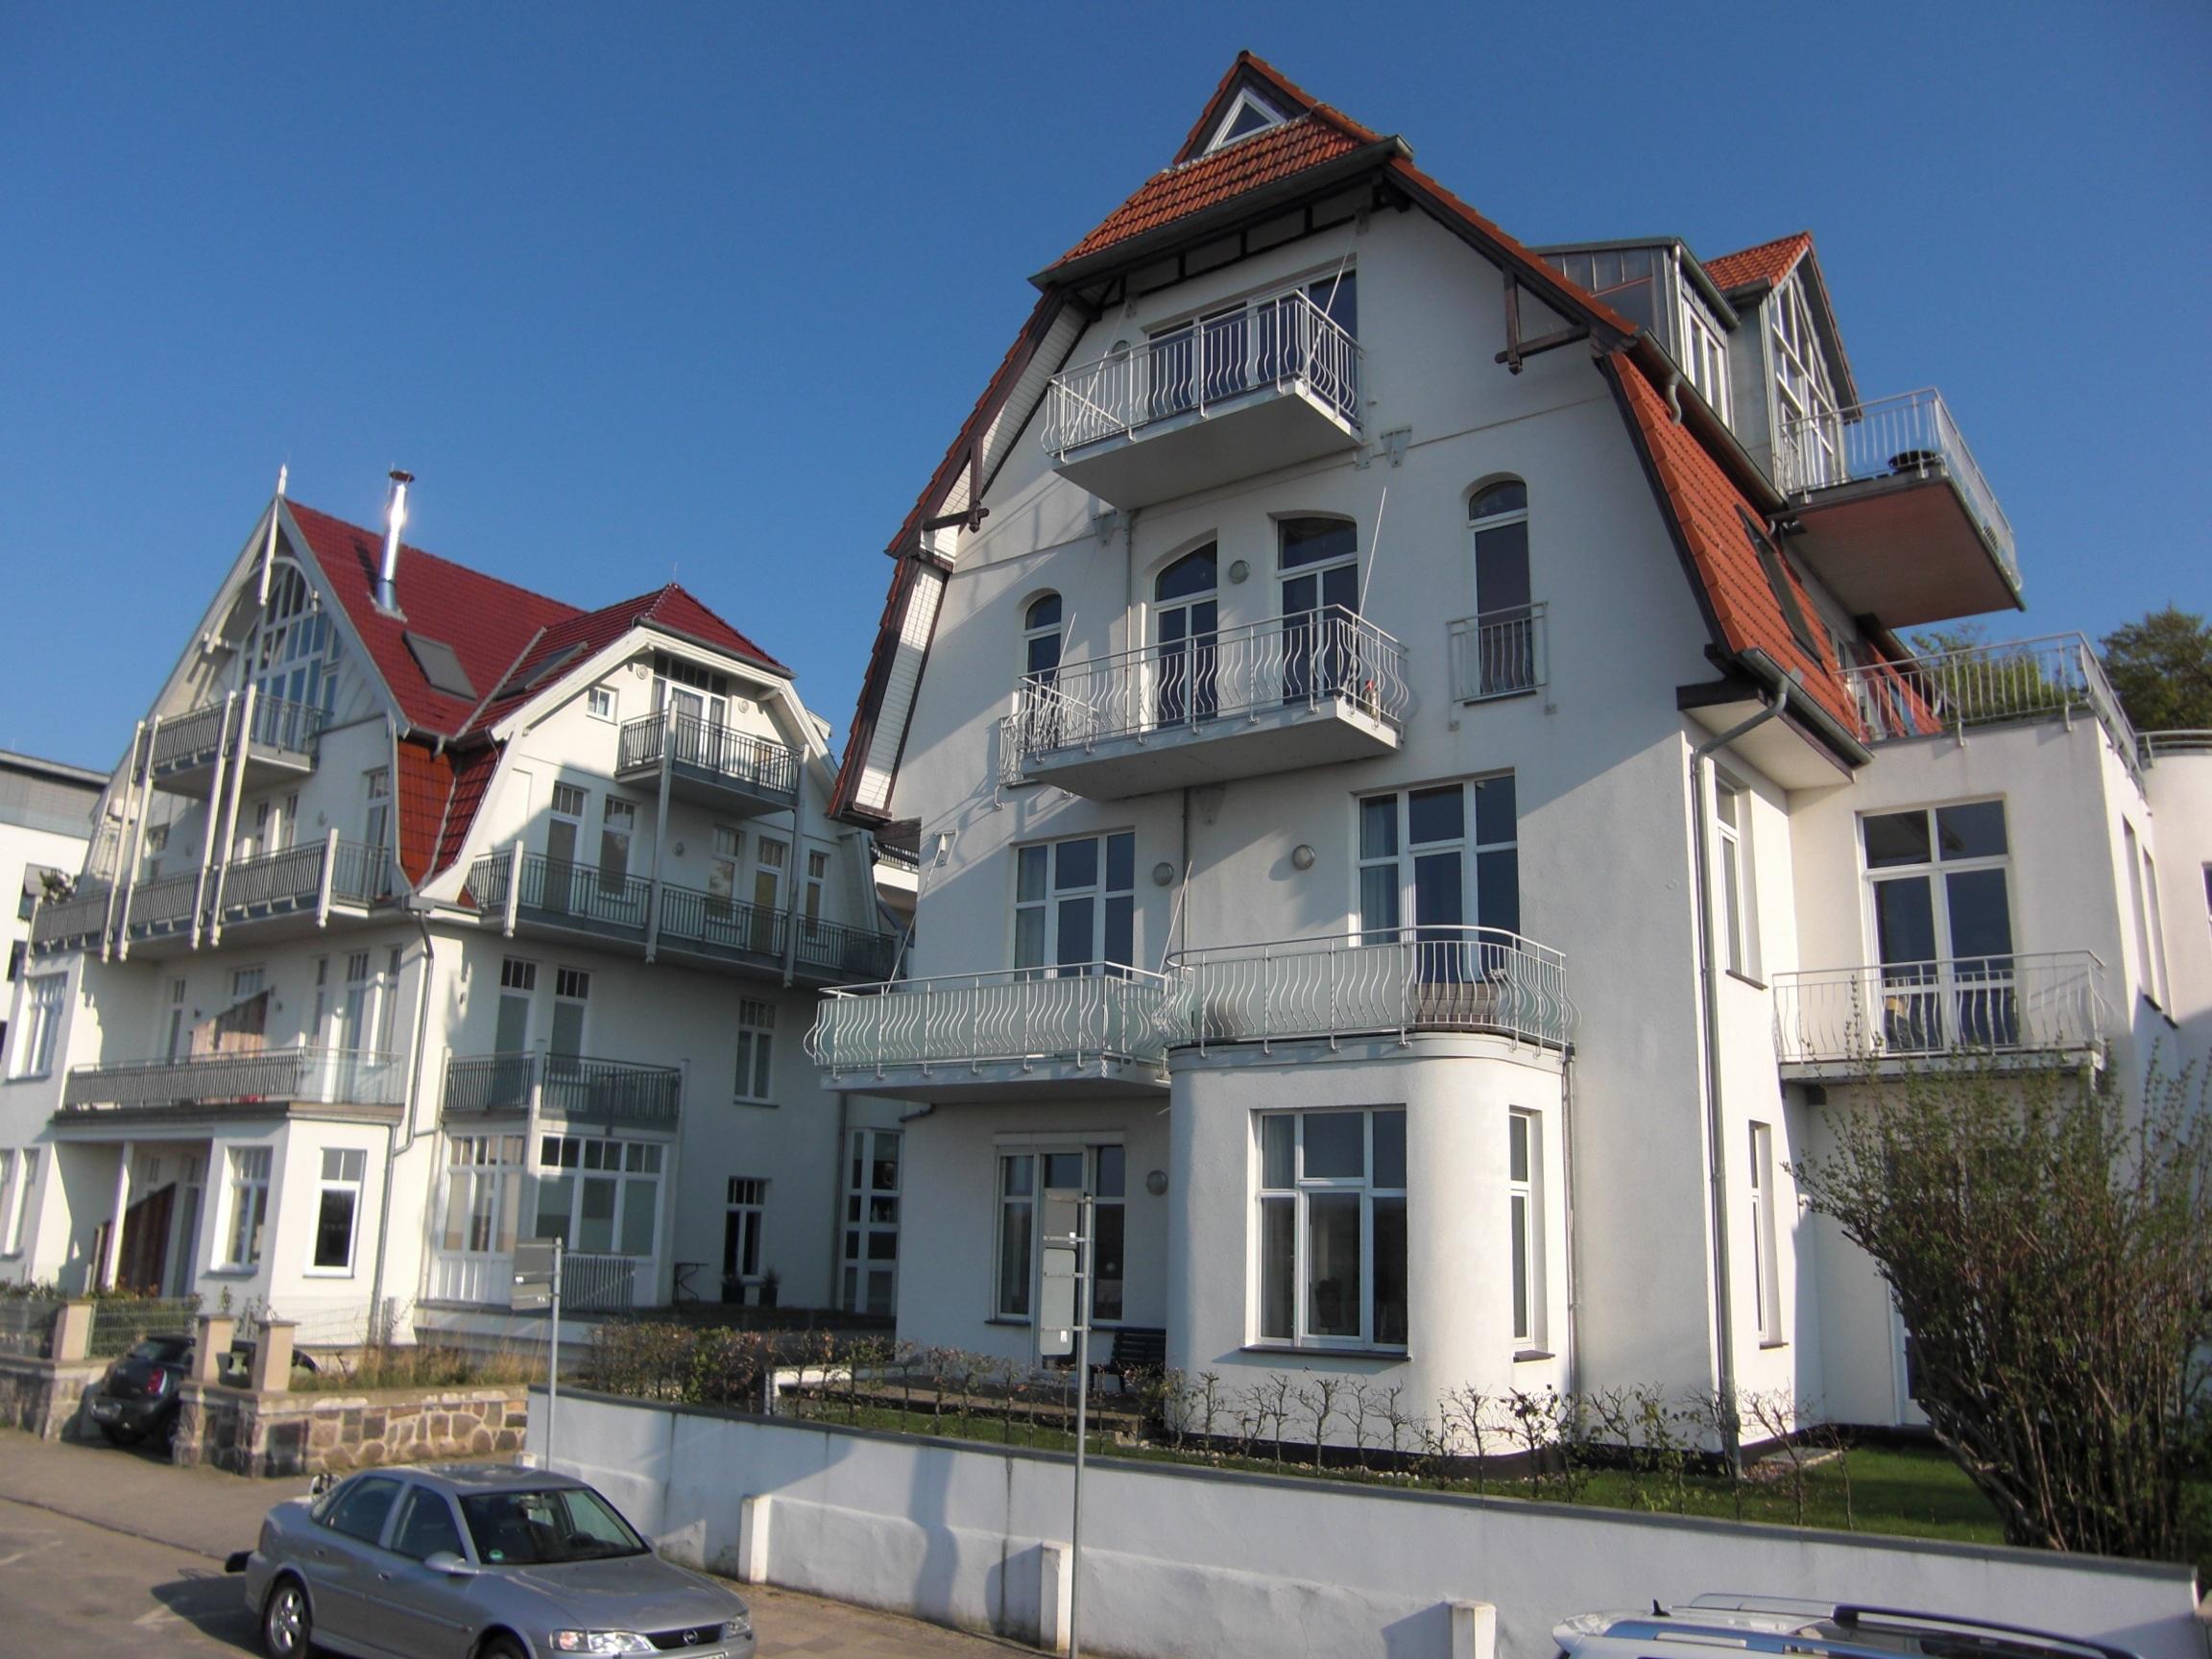 Immagini belle architettura villa dimora casa for Disegni casa cottage